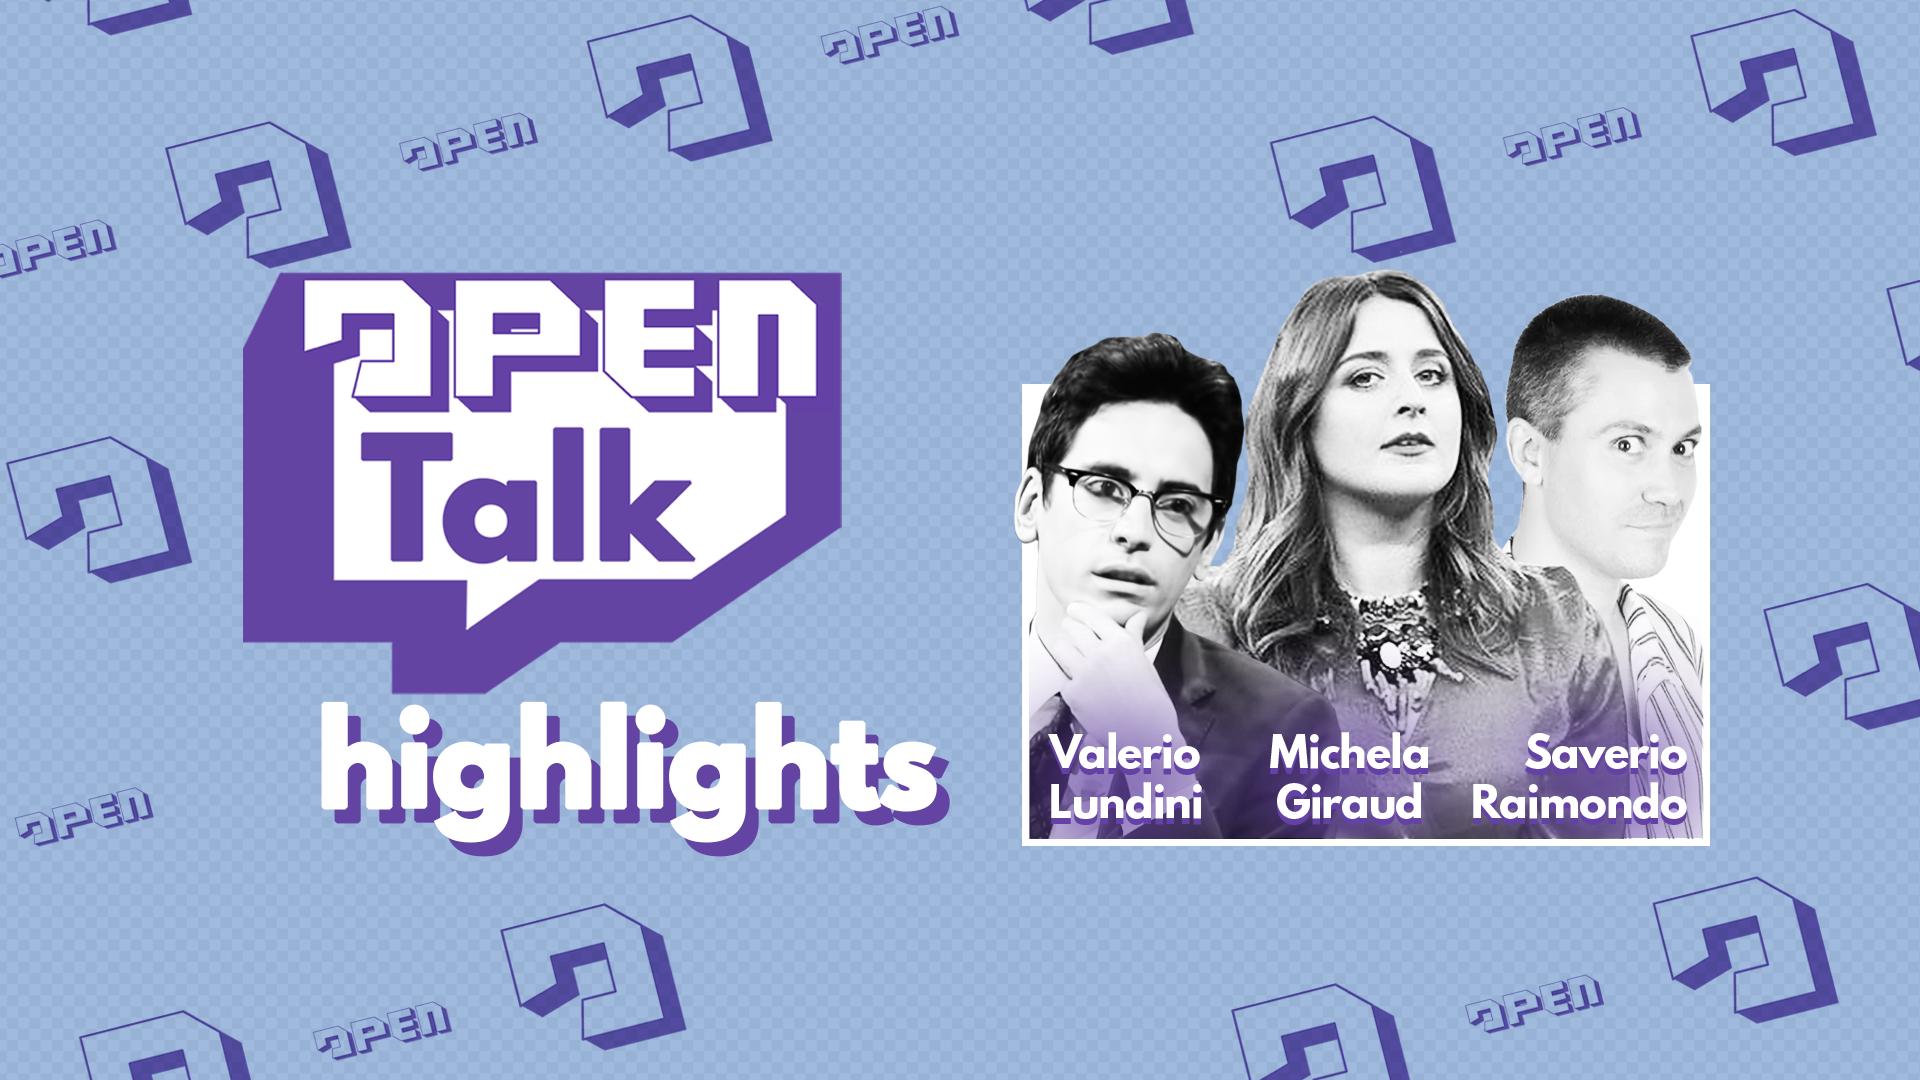 Open Talk | Il video completo e i momenti migliori della puntata con Valerio Lundini, Michela Giraud e Saverio Raimondo